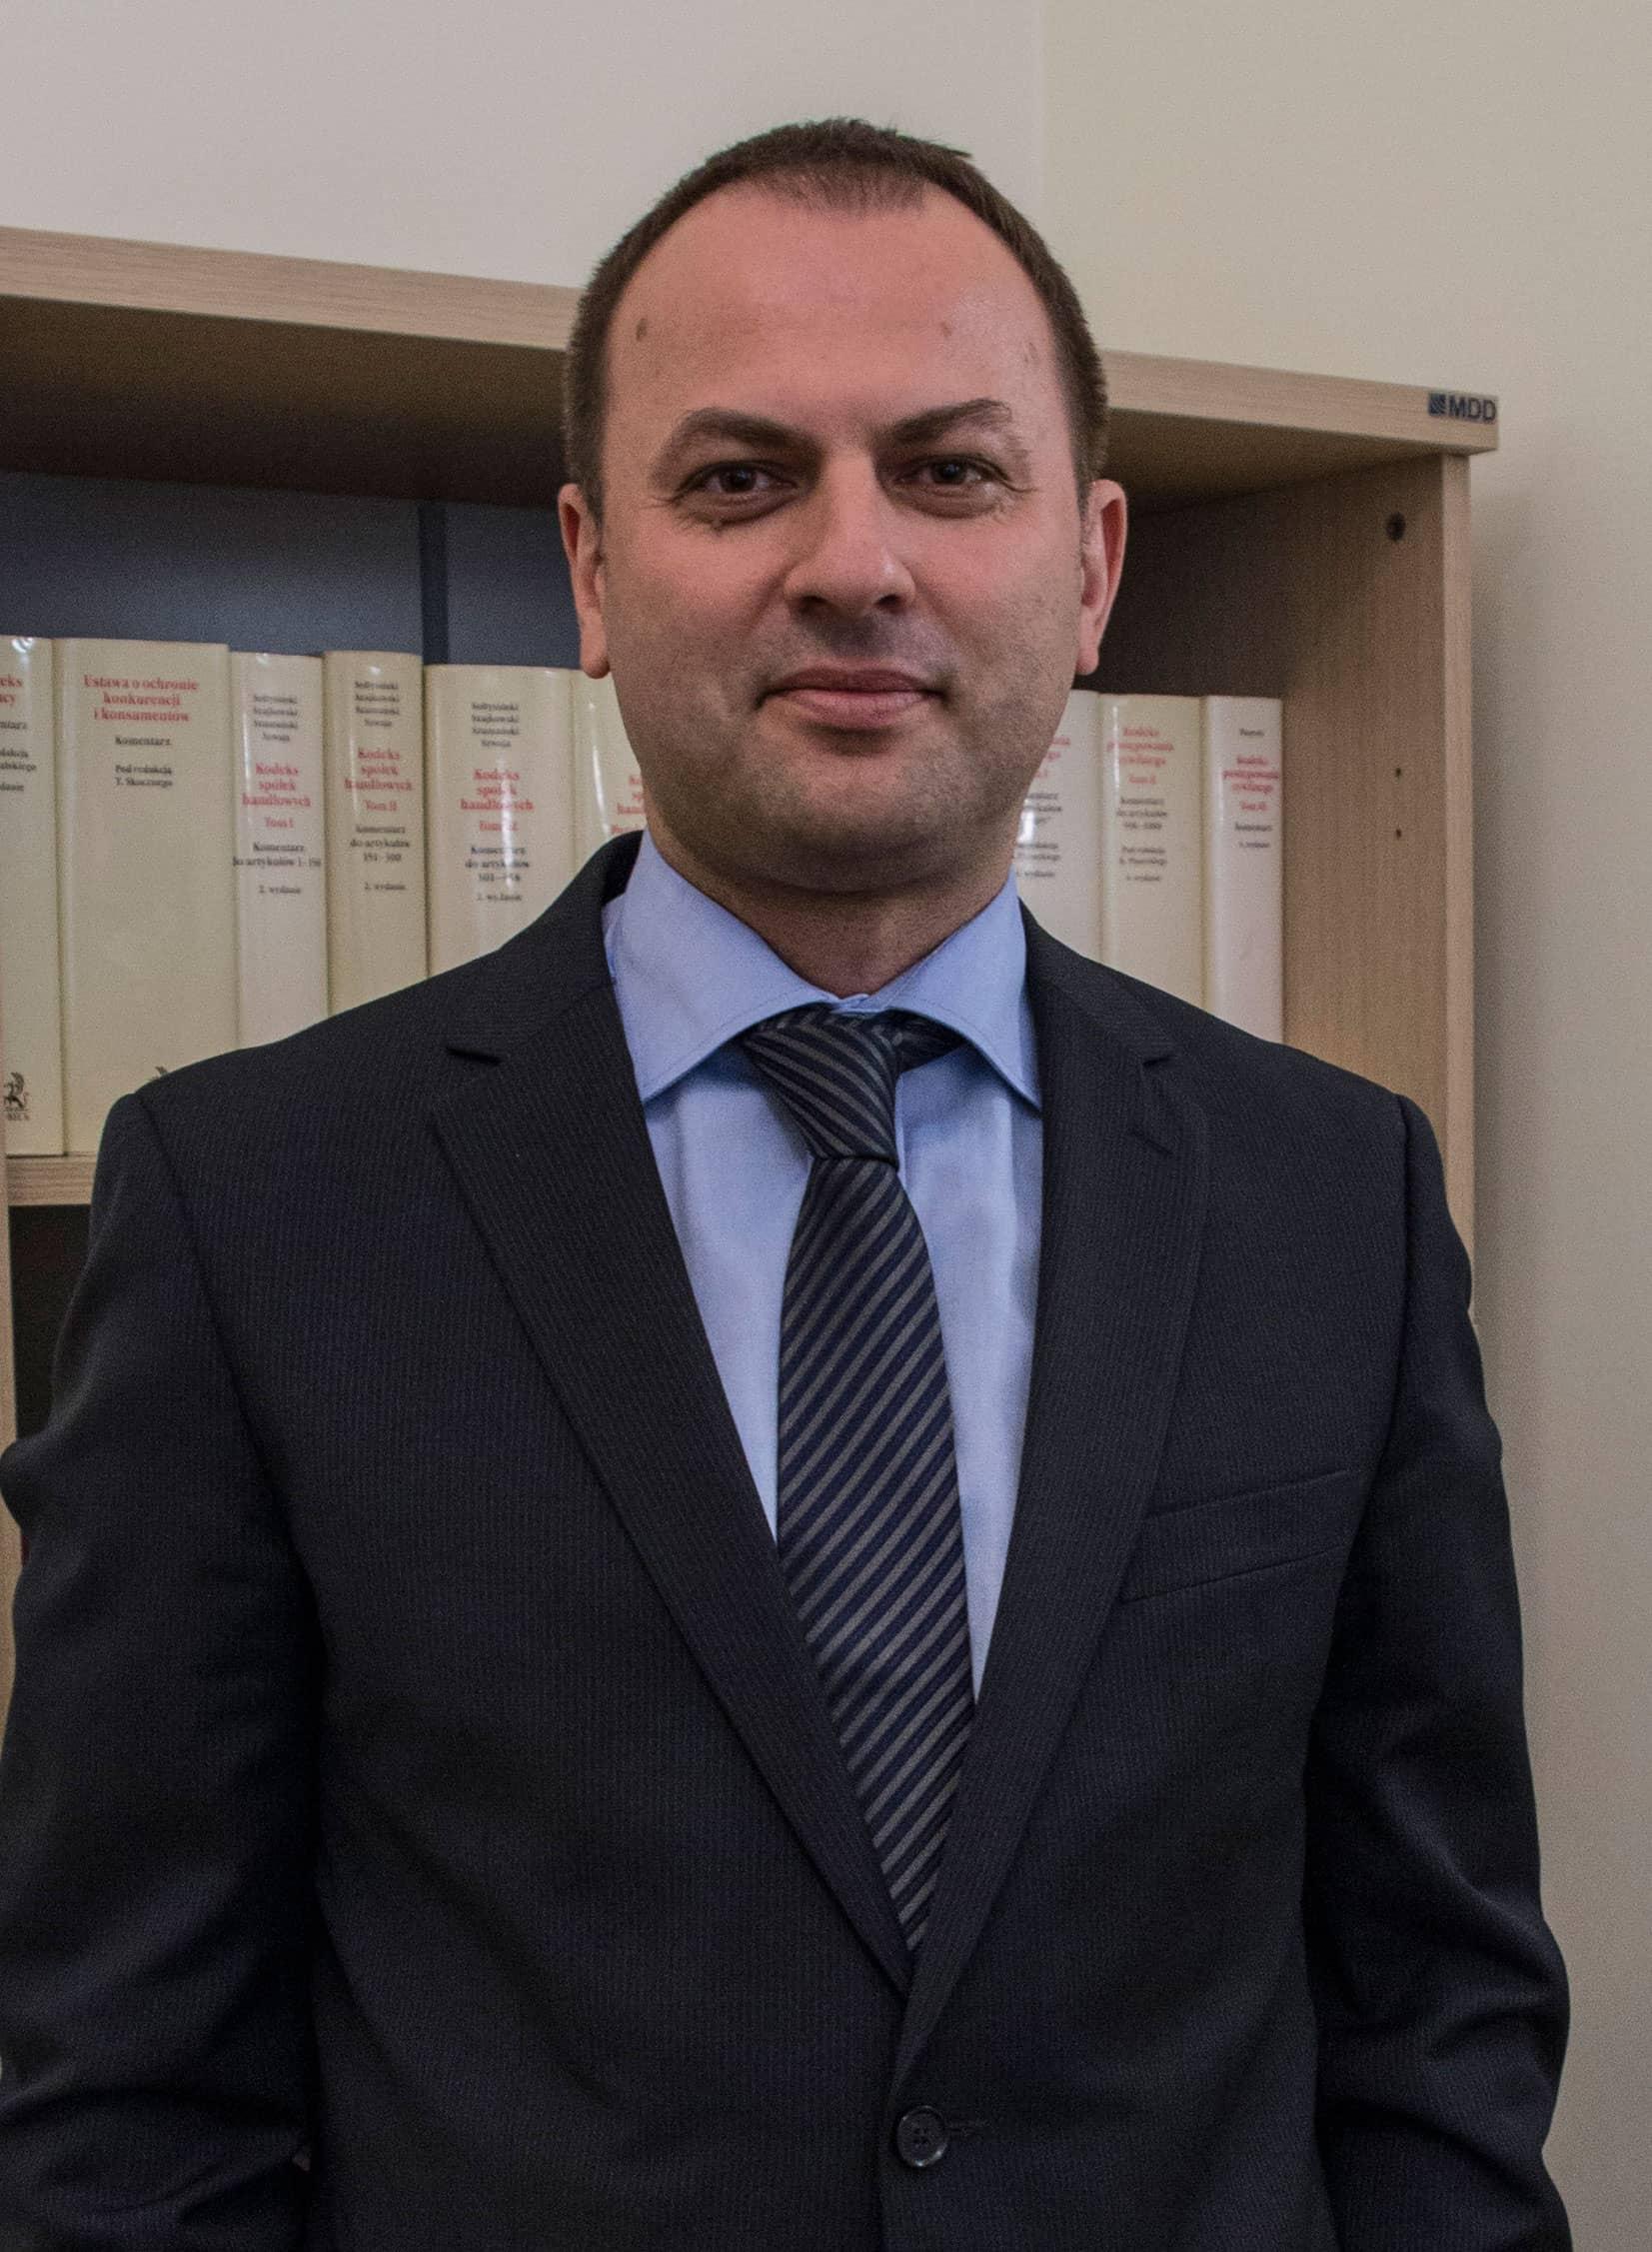 Wojciech Rocławski